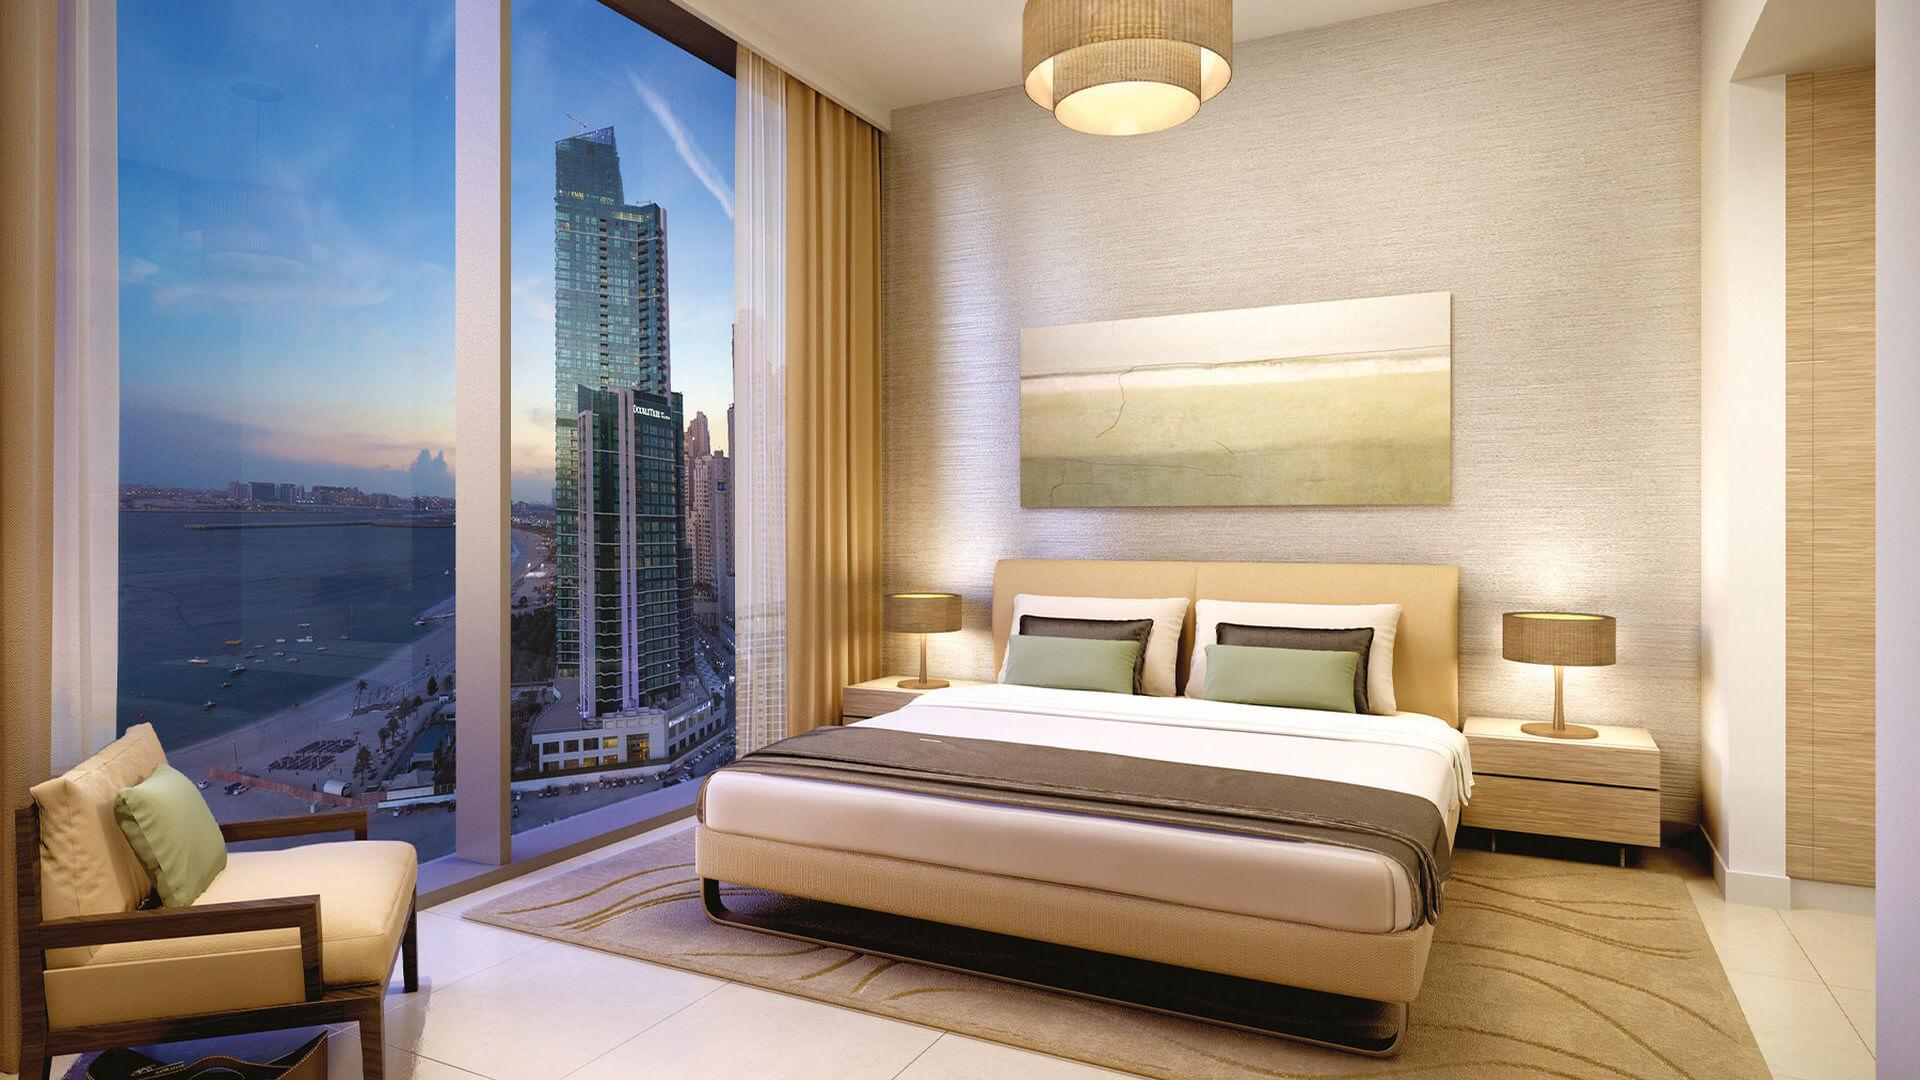 Apartamento en venta en Dubai, EAU, 1 dormitorio, 63 m2, № 24099 – foto 1